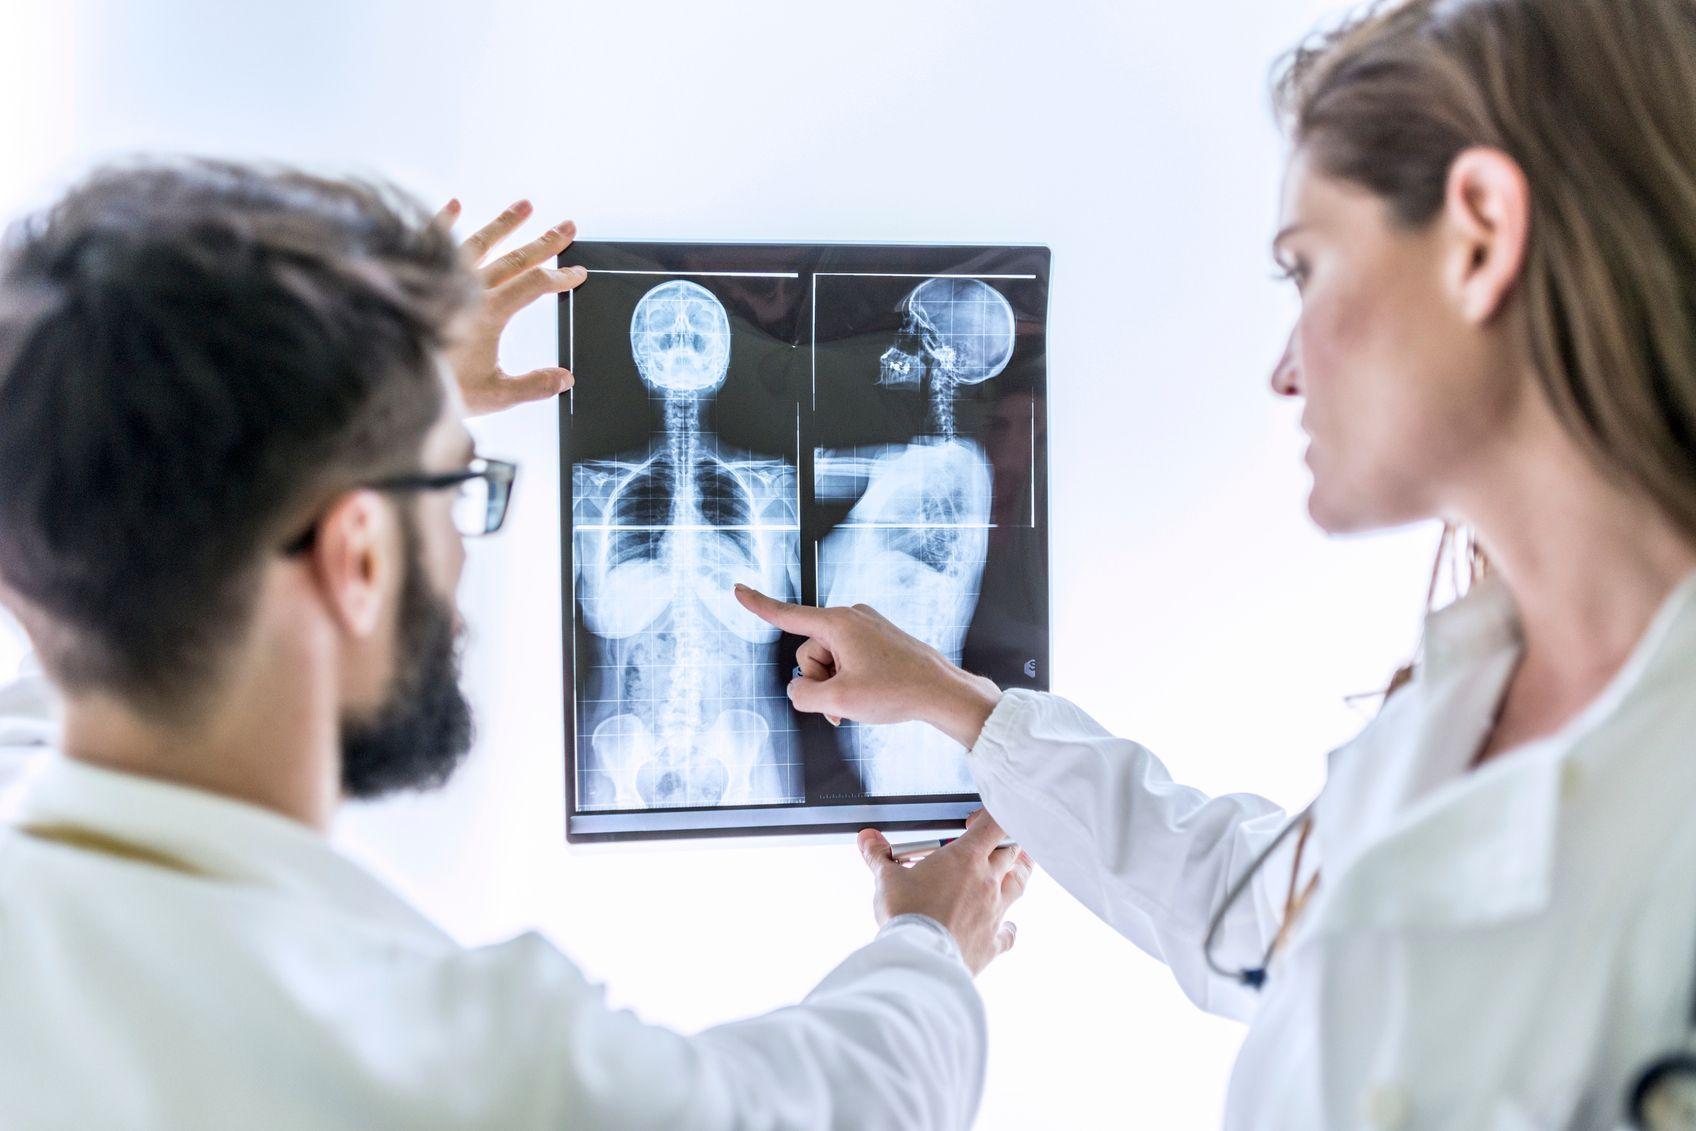 Dans le domaine de la recherche médicale, les femmes sont moins nombreuses que les hommes à signer des publications